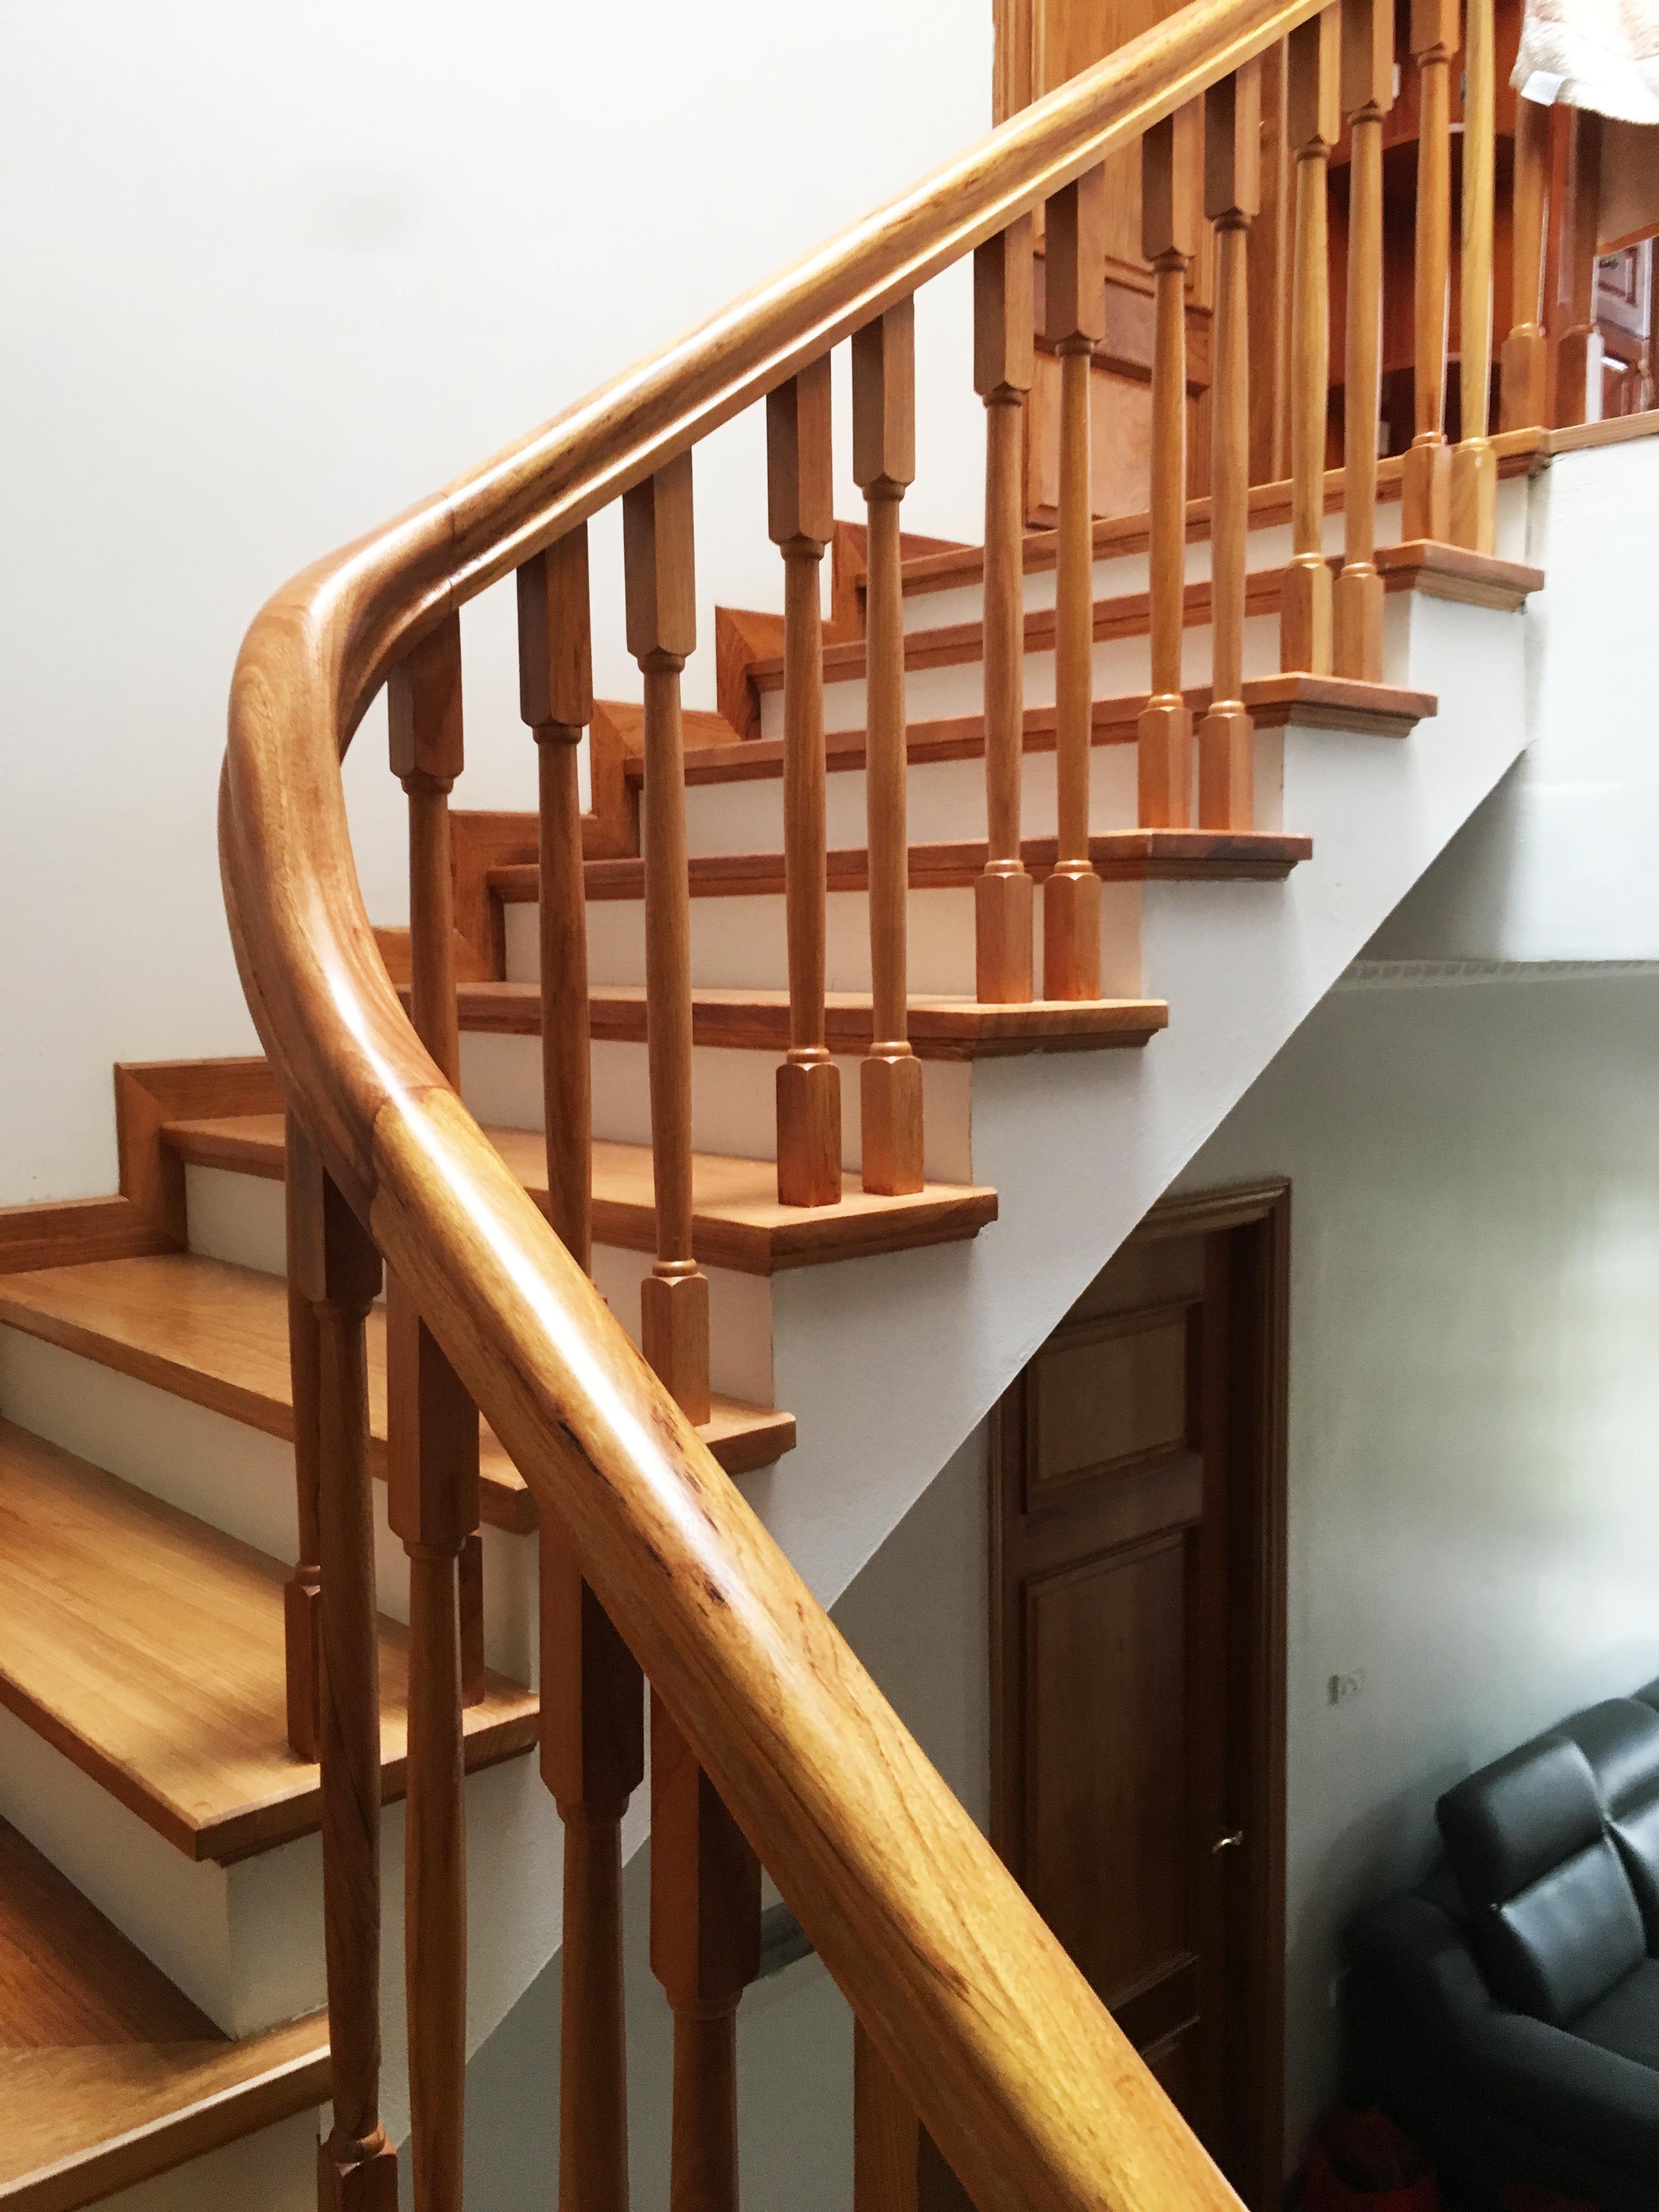 Tổng hợp các mẫu cầu thang gỗ đẹp nhất dành cho ngôi nhà